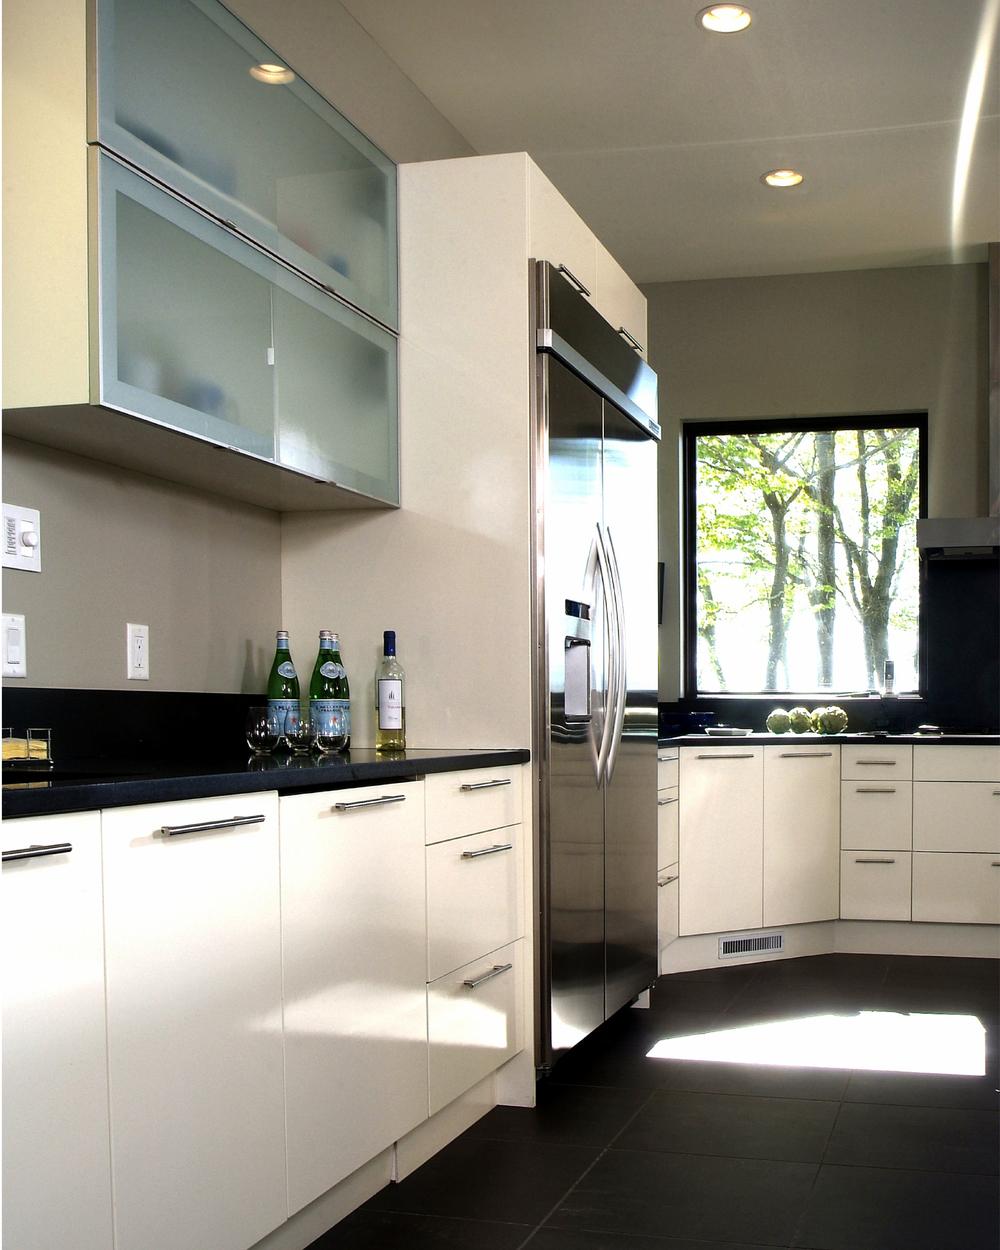 Bianchi - Kitchen - 16x20 vertical.jpg